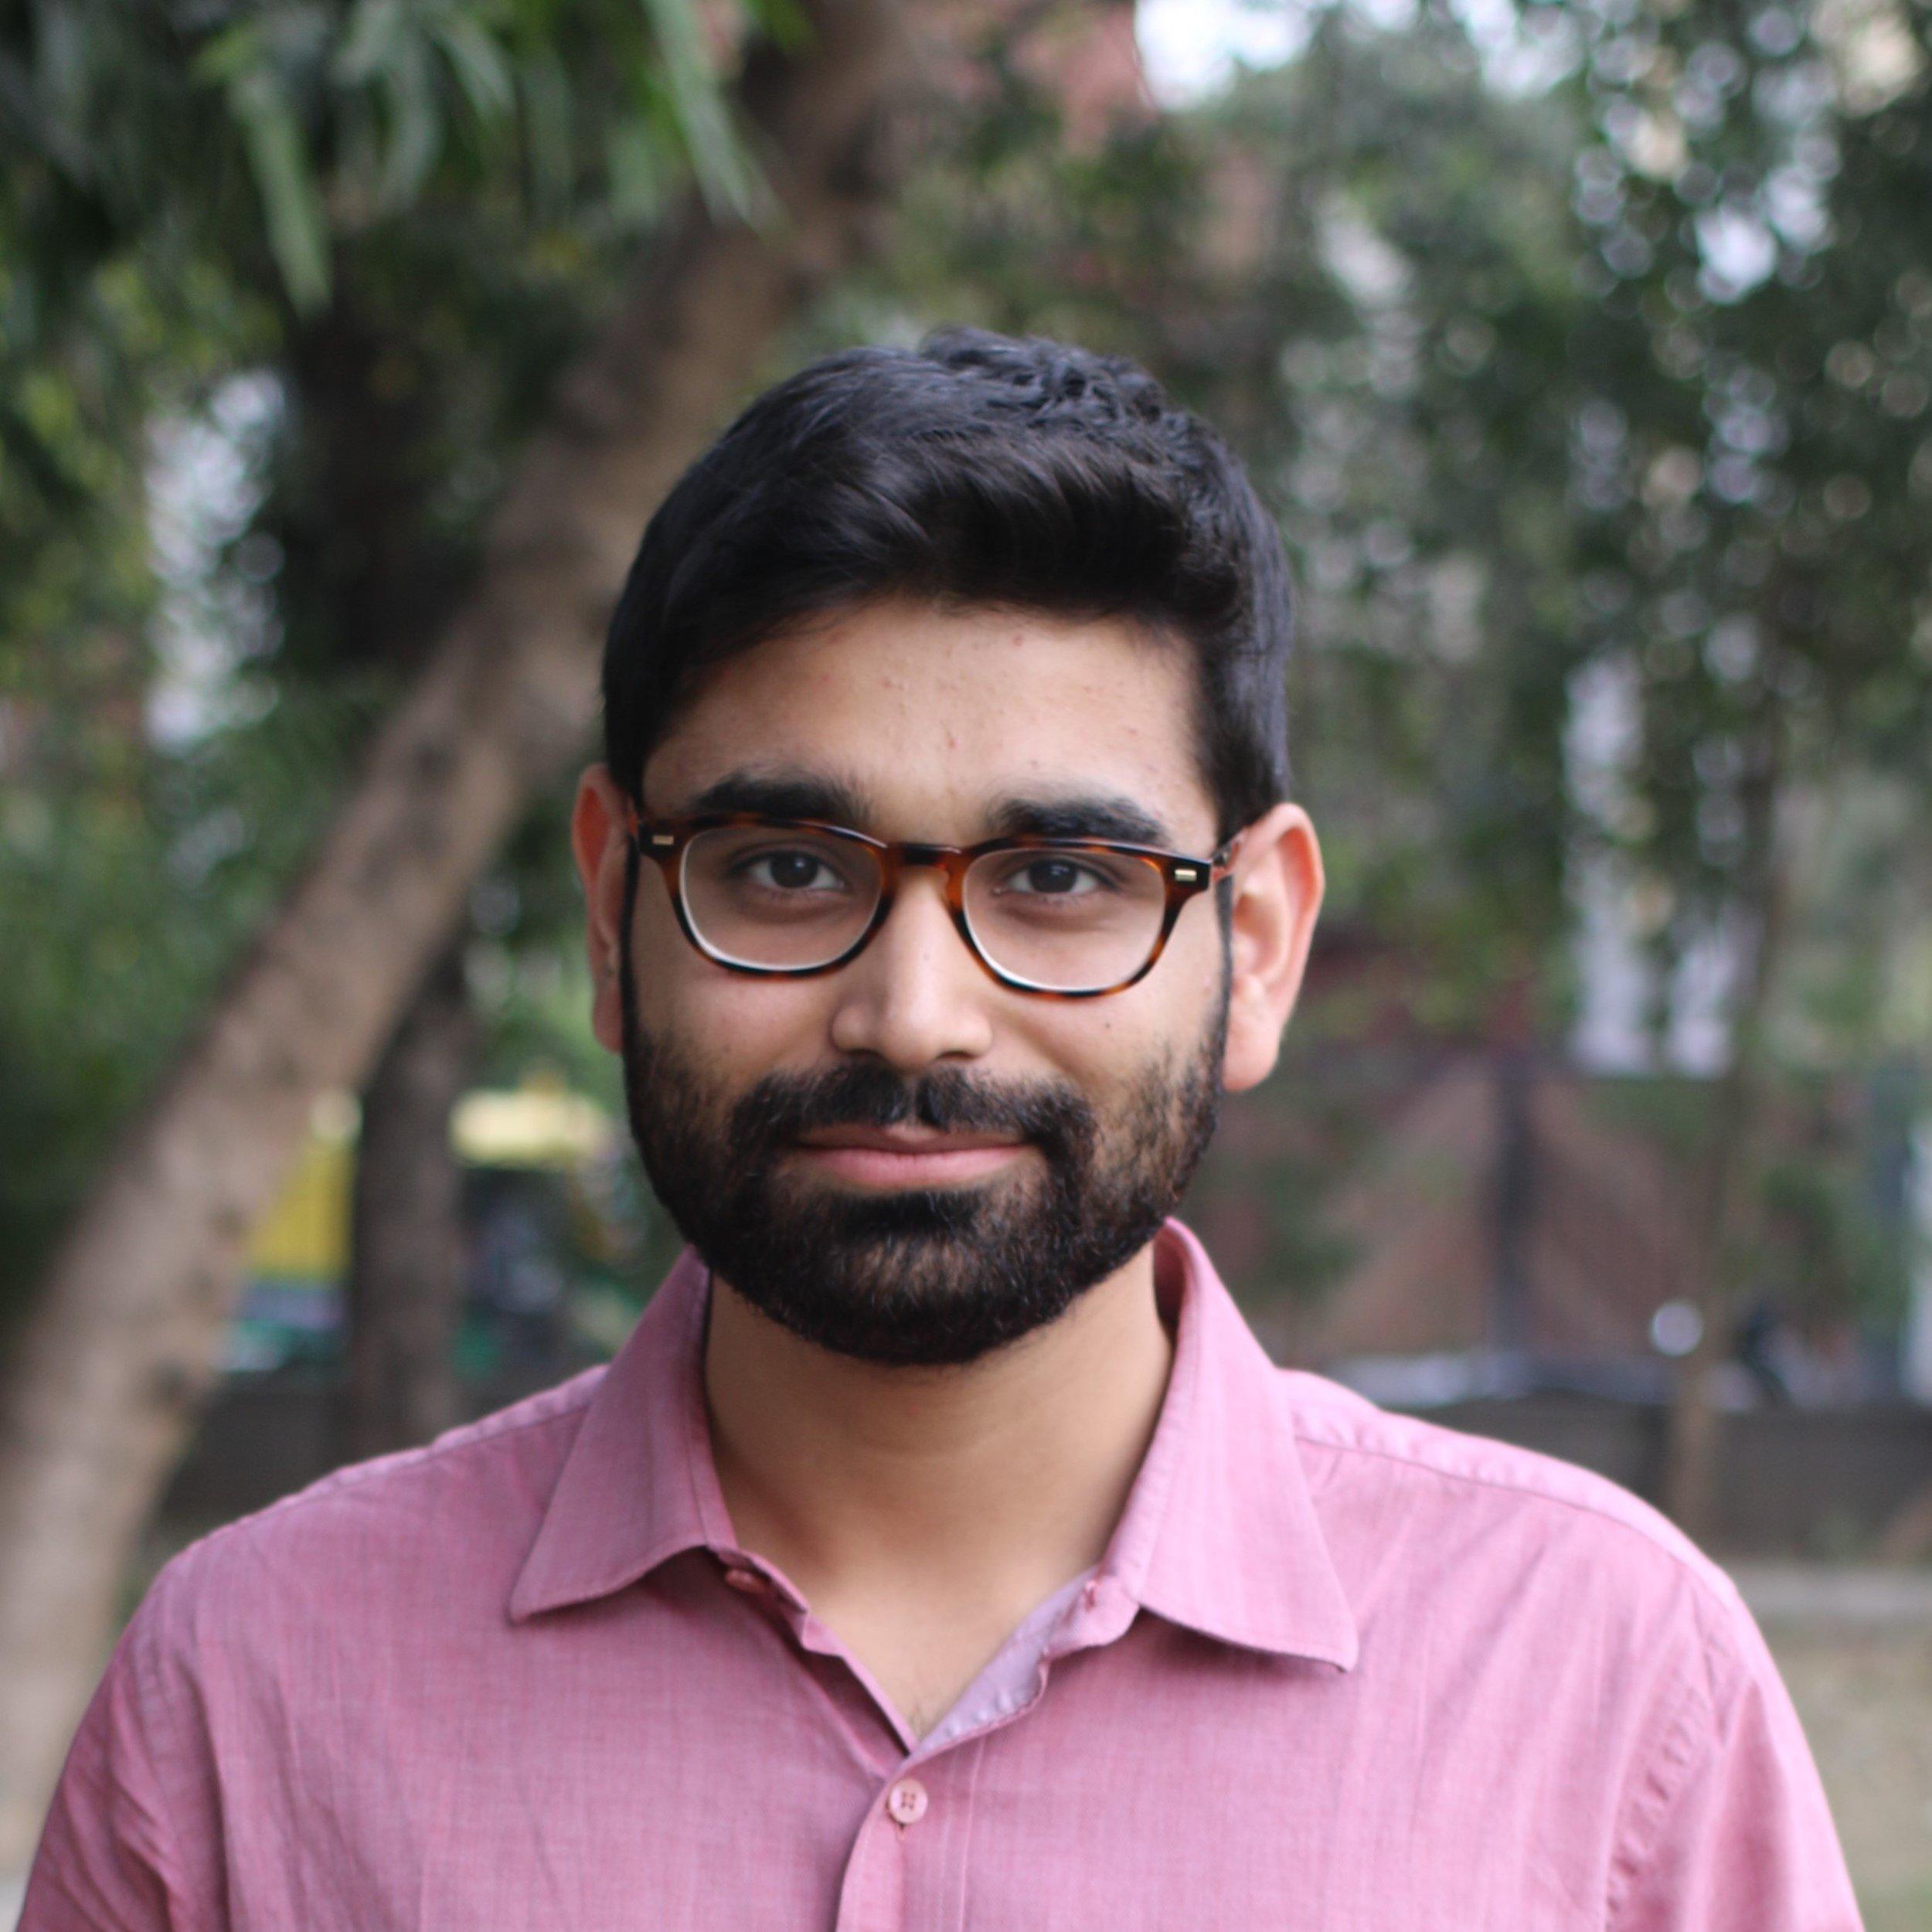 Ananya Kotia - BA Economics (Delhi, Cambridge), M.Phil. Economics (Oxford)